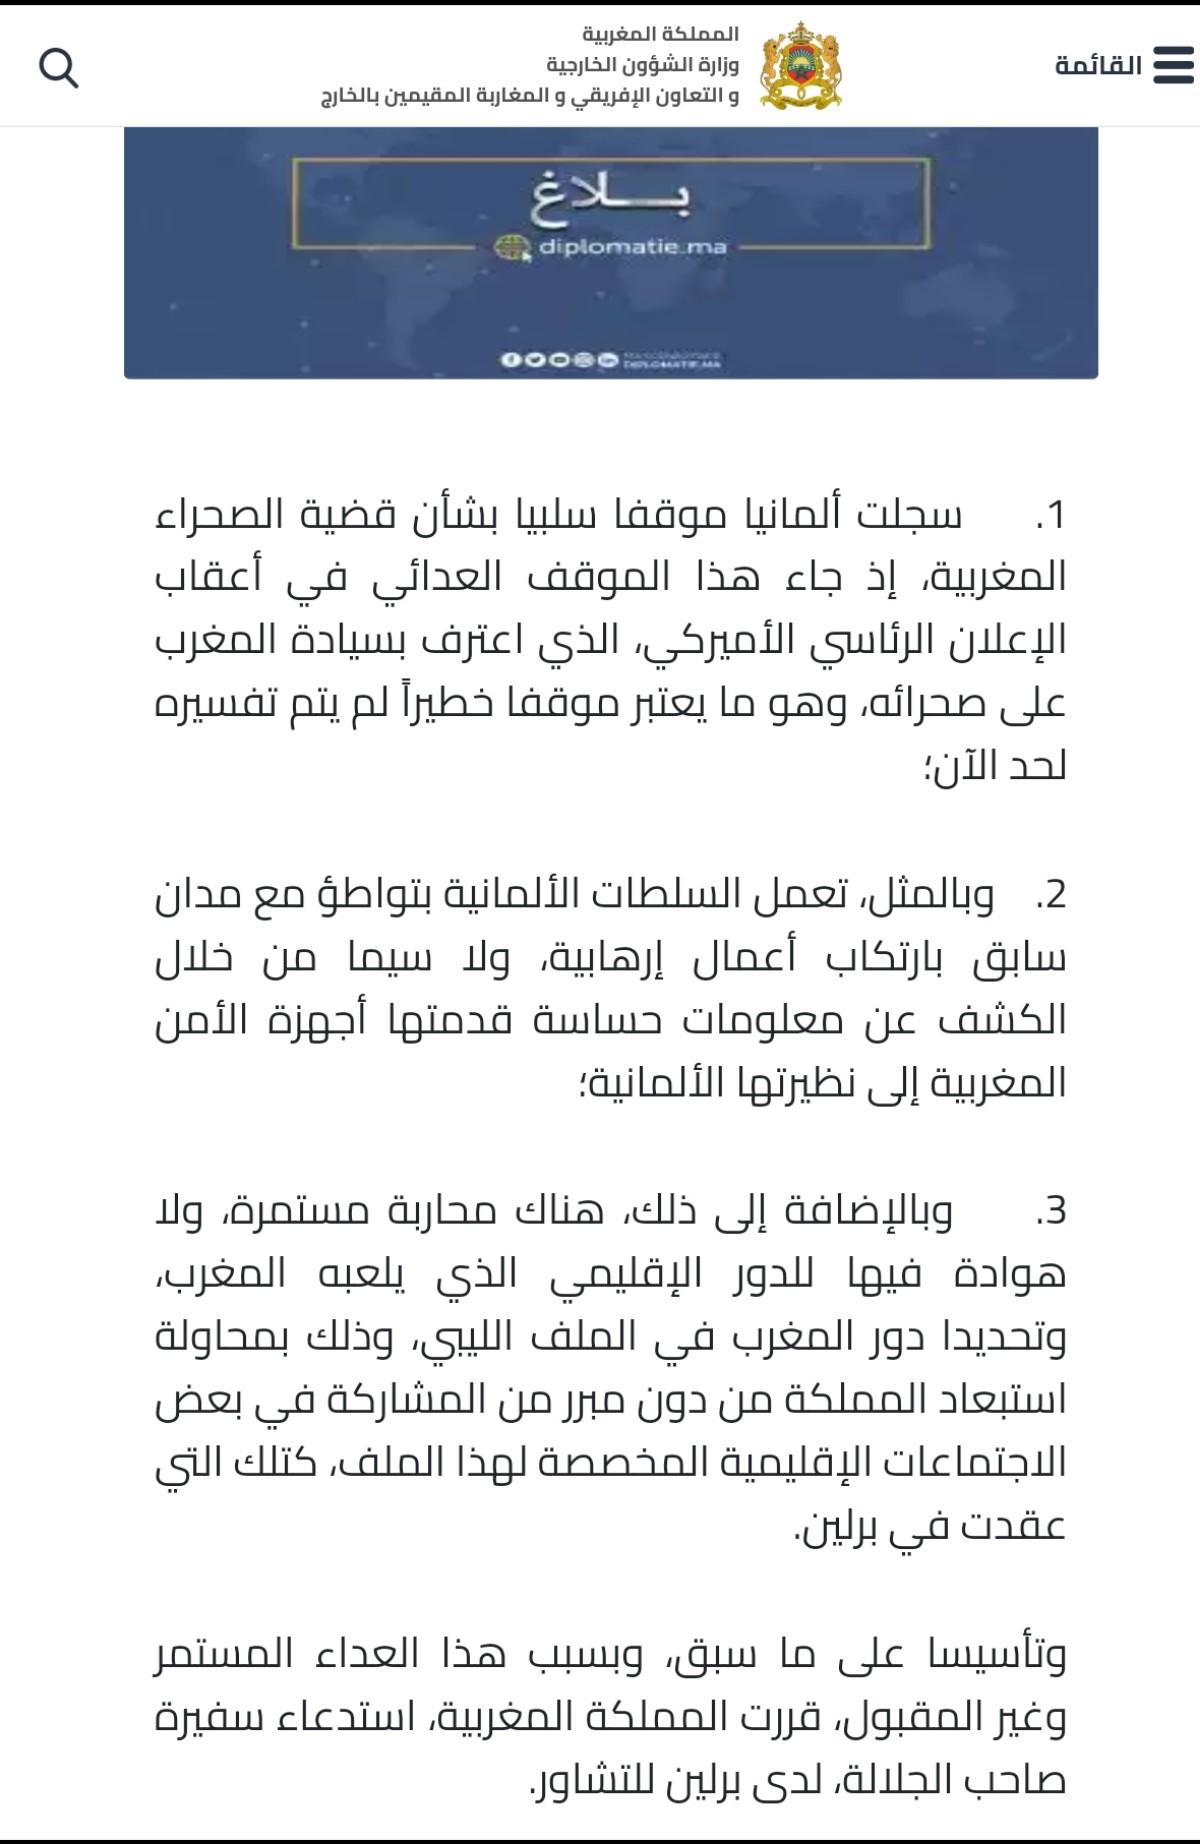 المغرب يستدعي سفيرته بألمانيا للتشاور